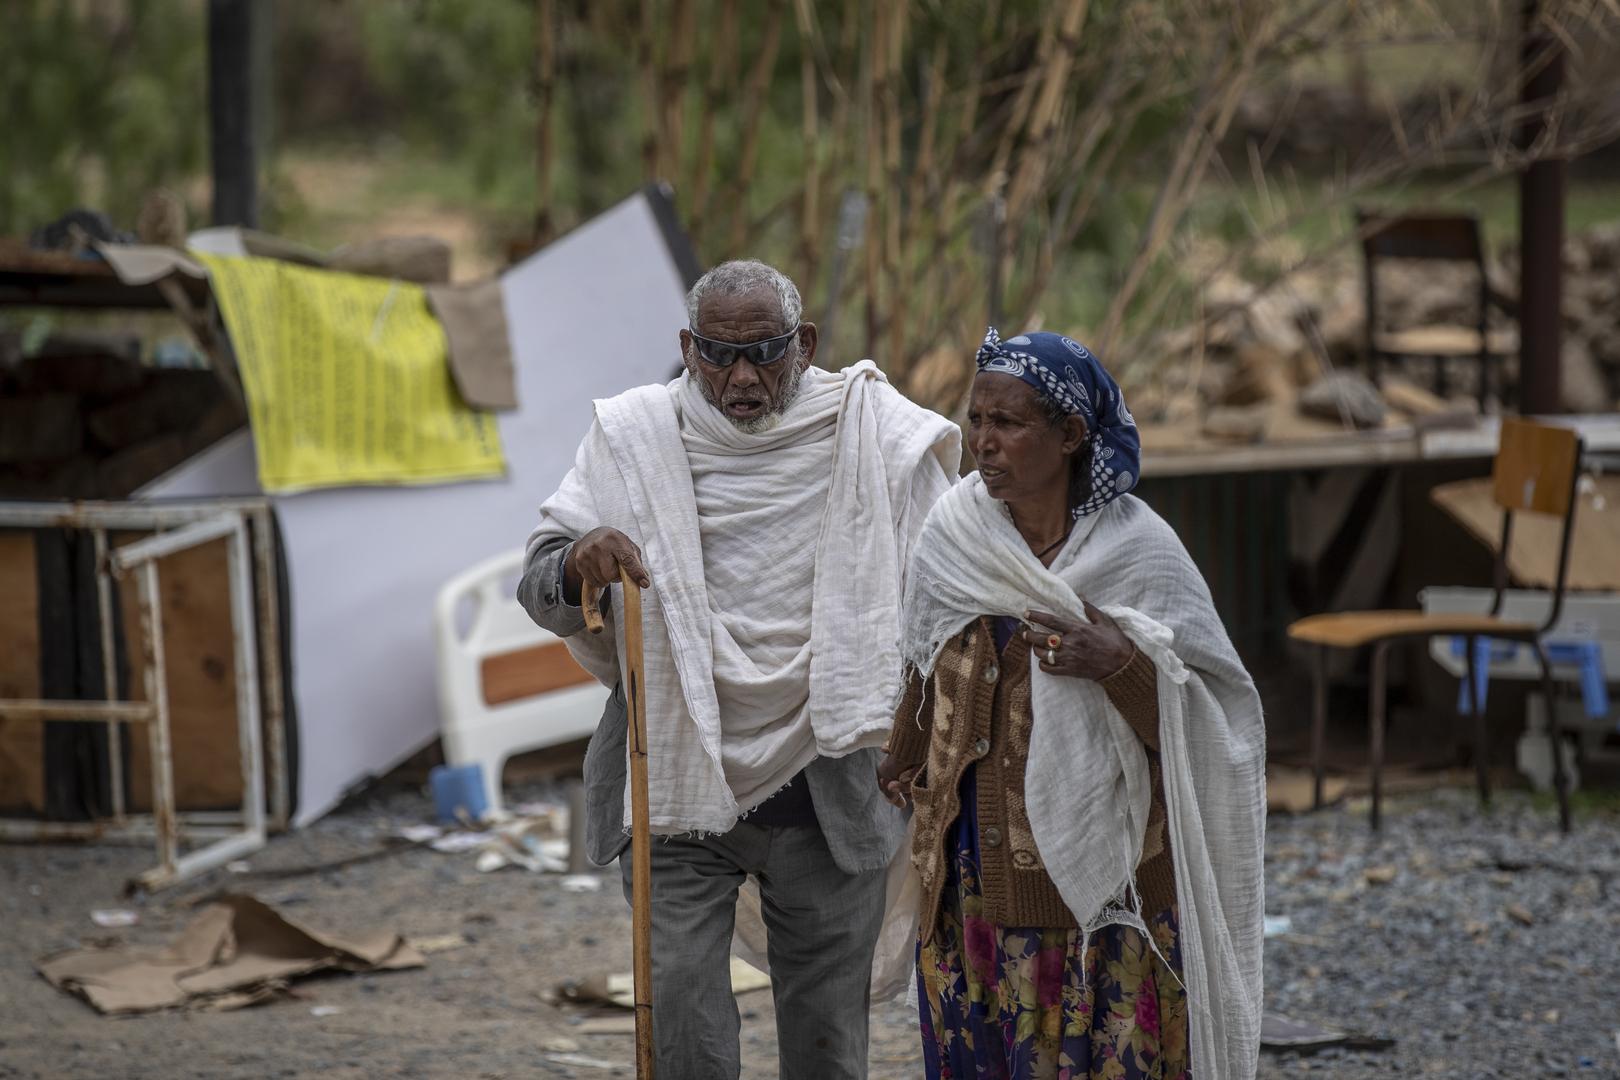 الأمم المتحدة: مجاعة وشيكة في إقليم تيغراي الإثيوبي